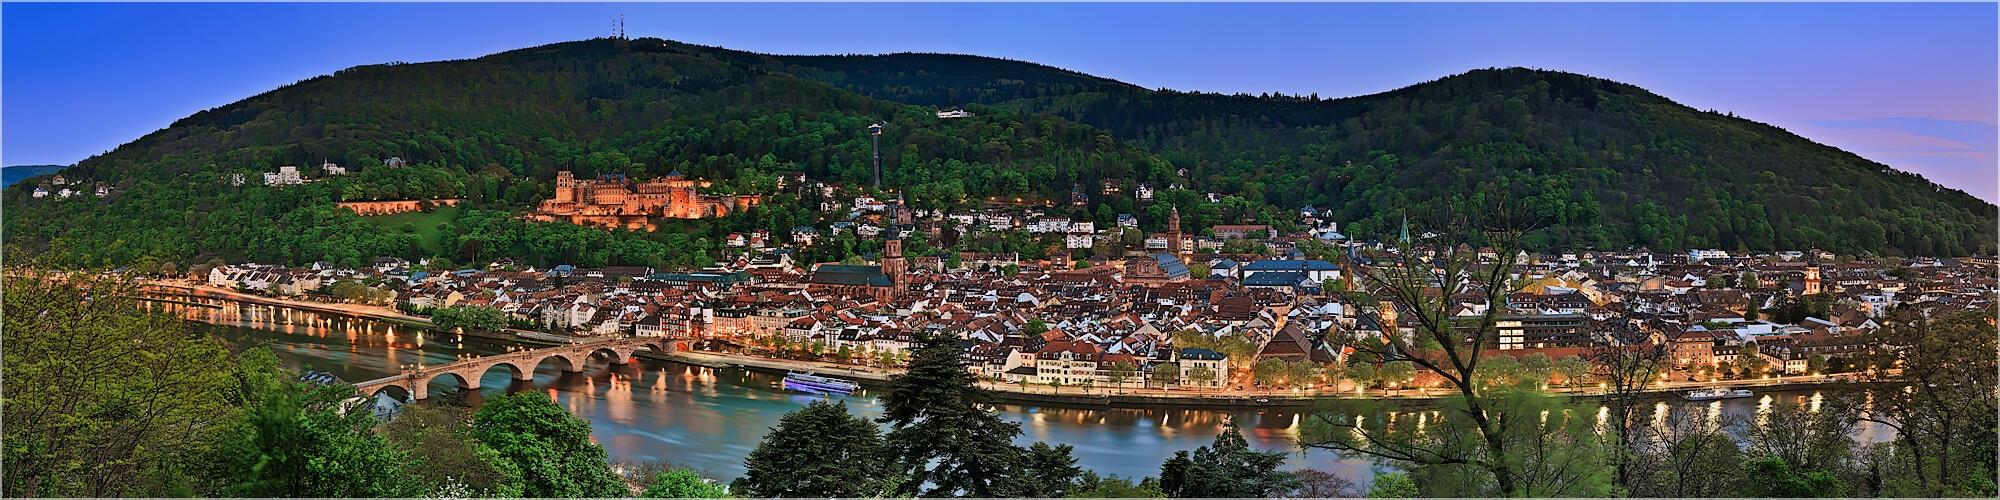 Panoramabild Abendliches Heidelberg vom Philosophenweg